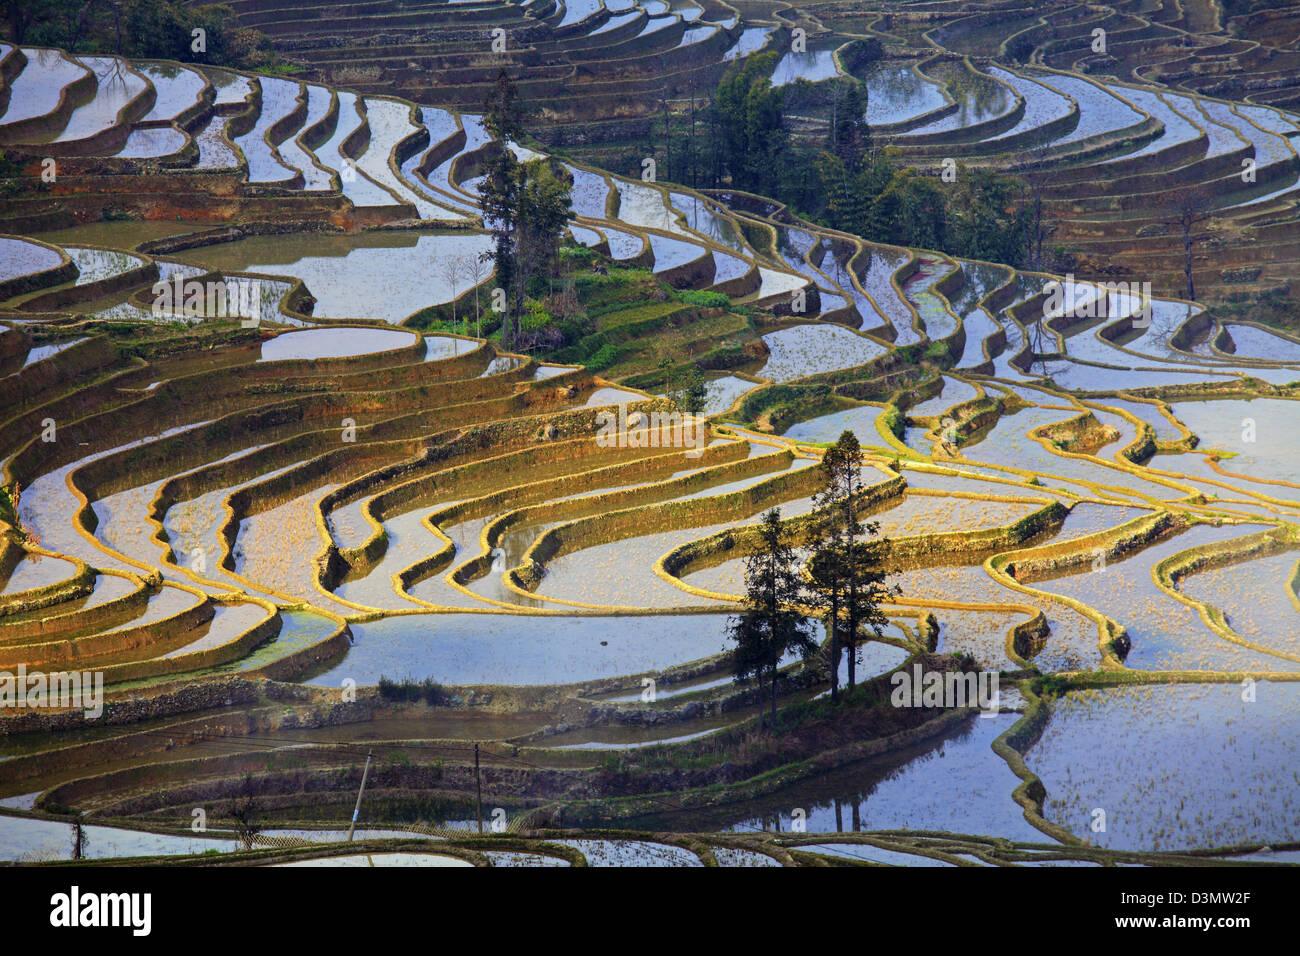 China, Yunnan, Yuanyang, rice terraces, - Stock Image